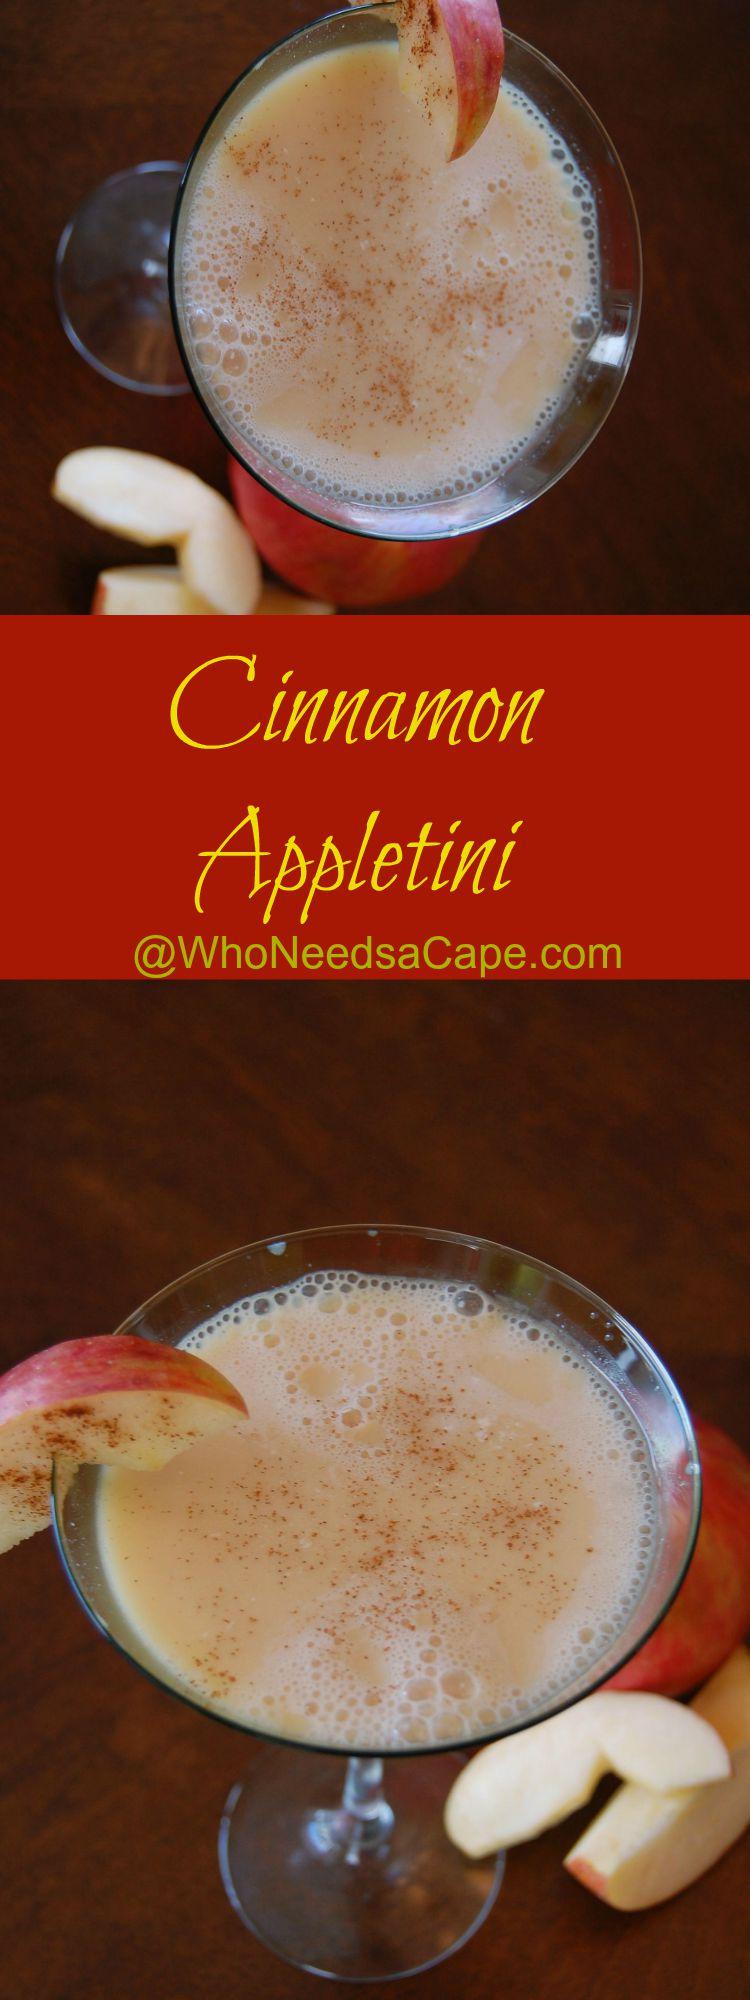 Cinnamon Appletini 1